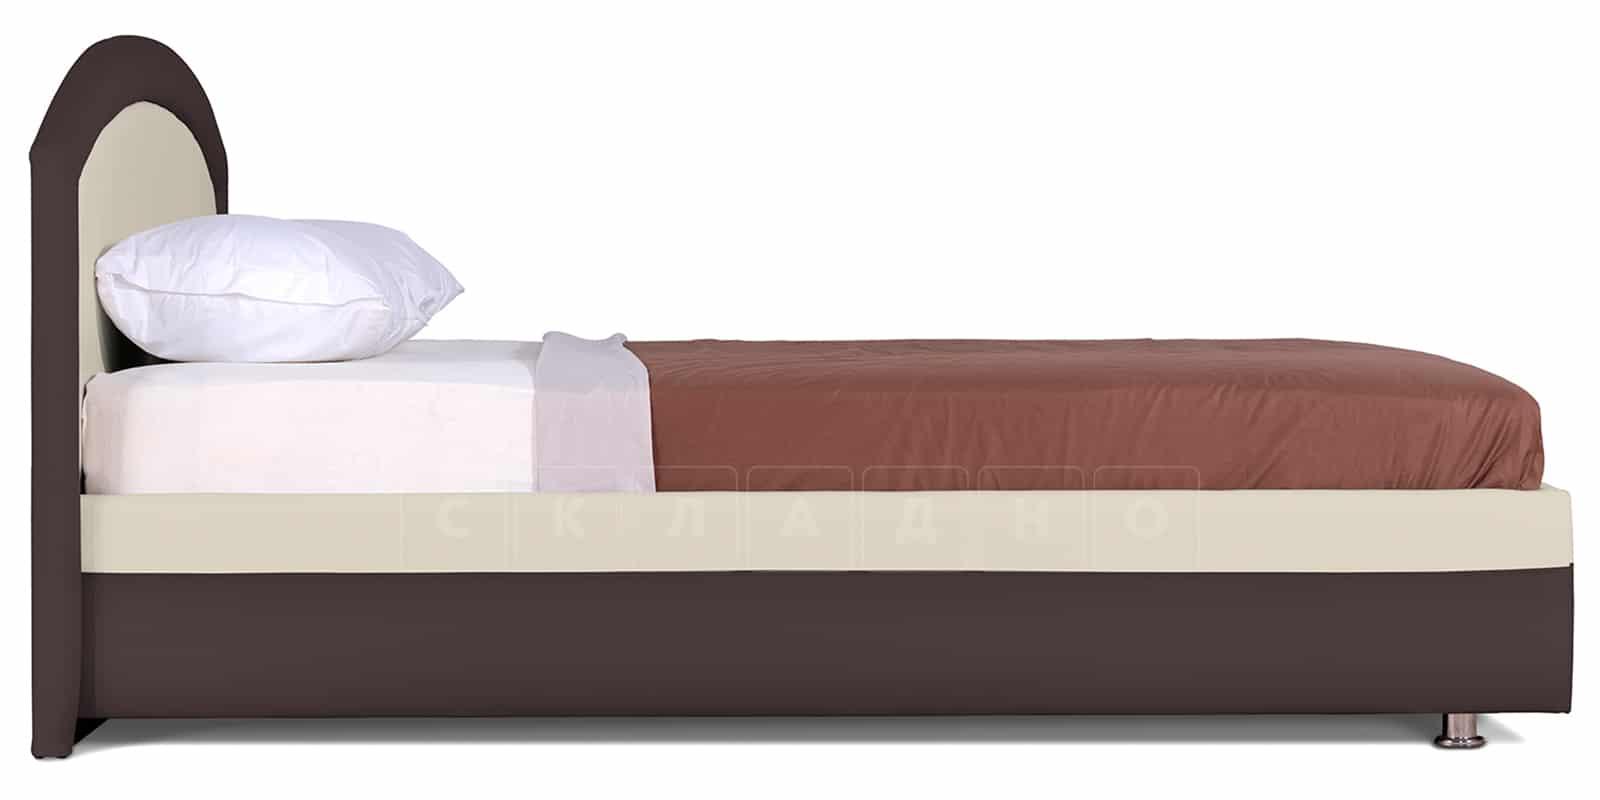 Мягкая кровать Малибу 160см экокожа бежевый-шоколад вариант 8-2 фото 4   интернет-магазин Складно